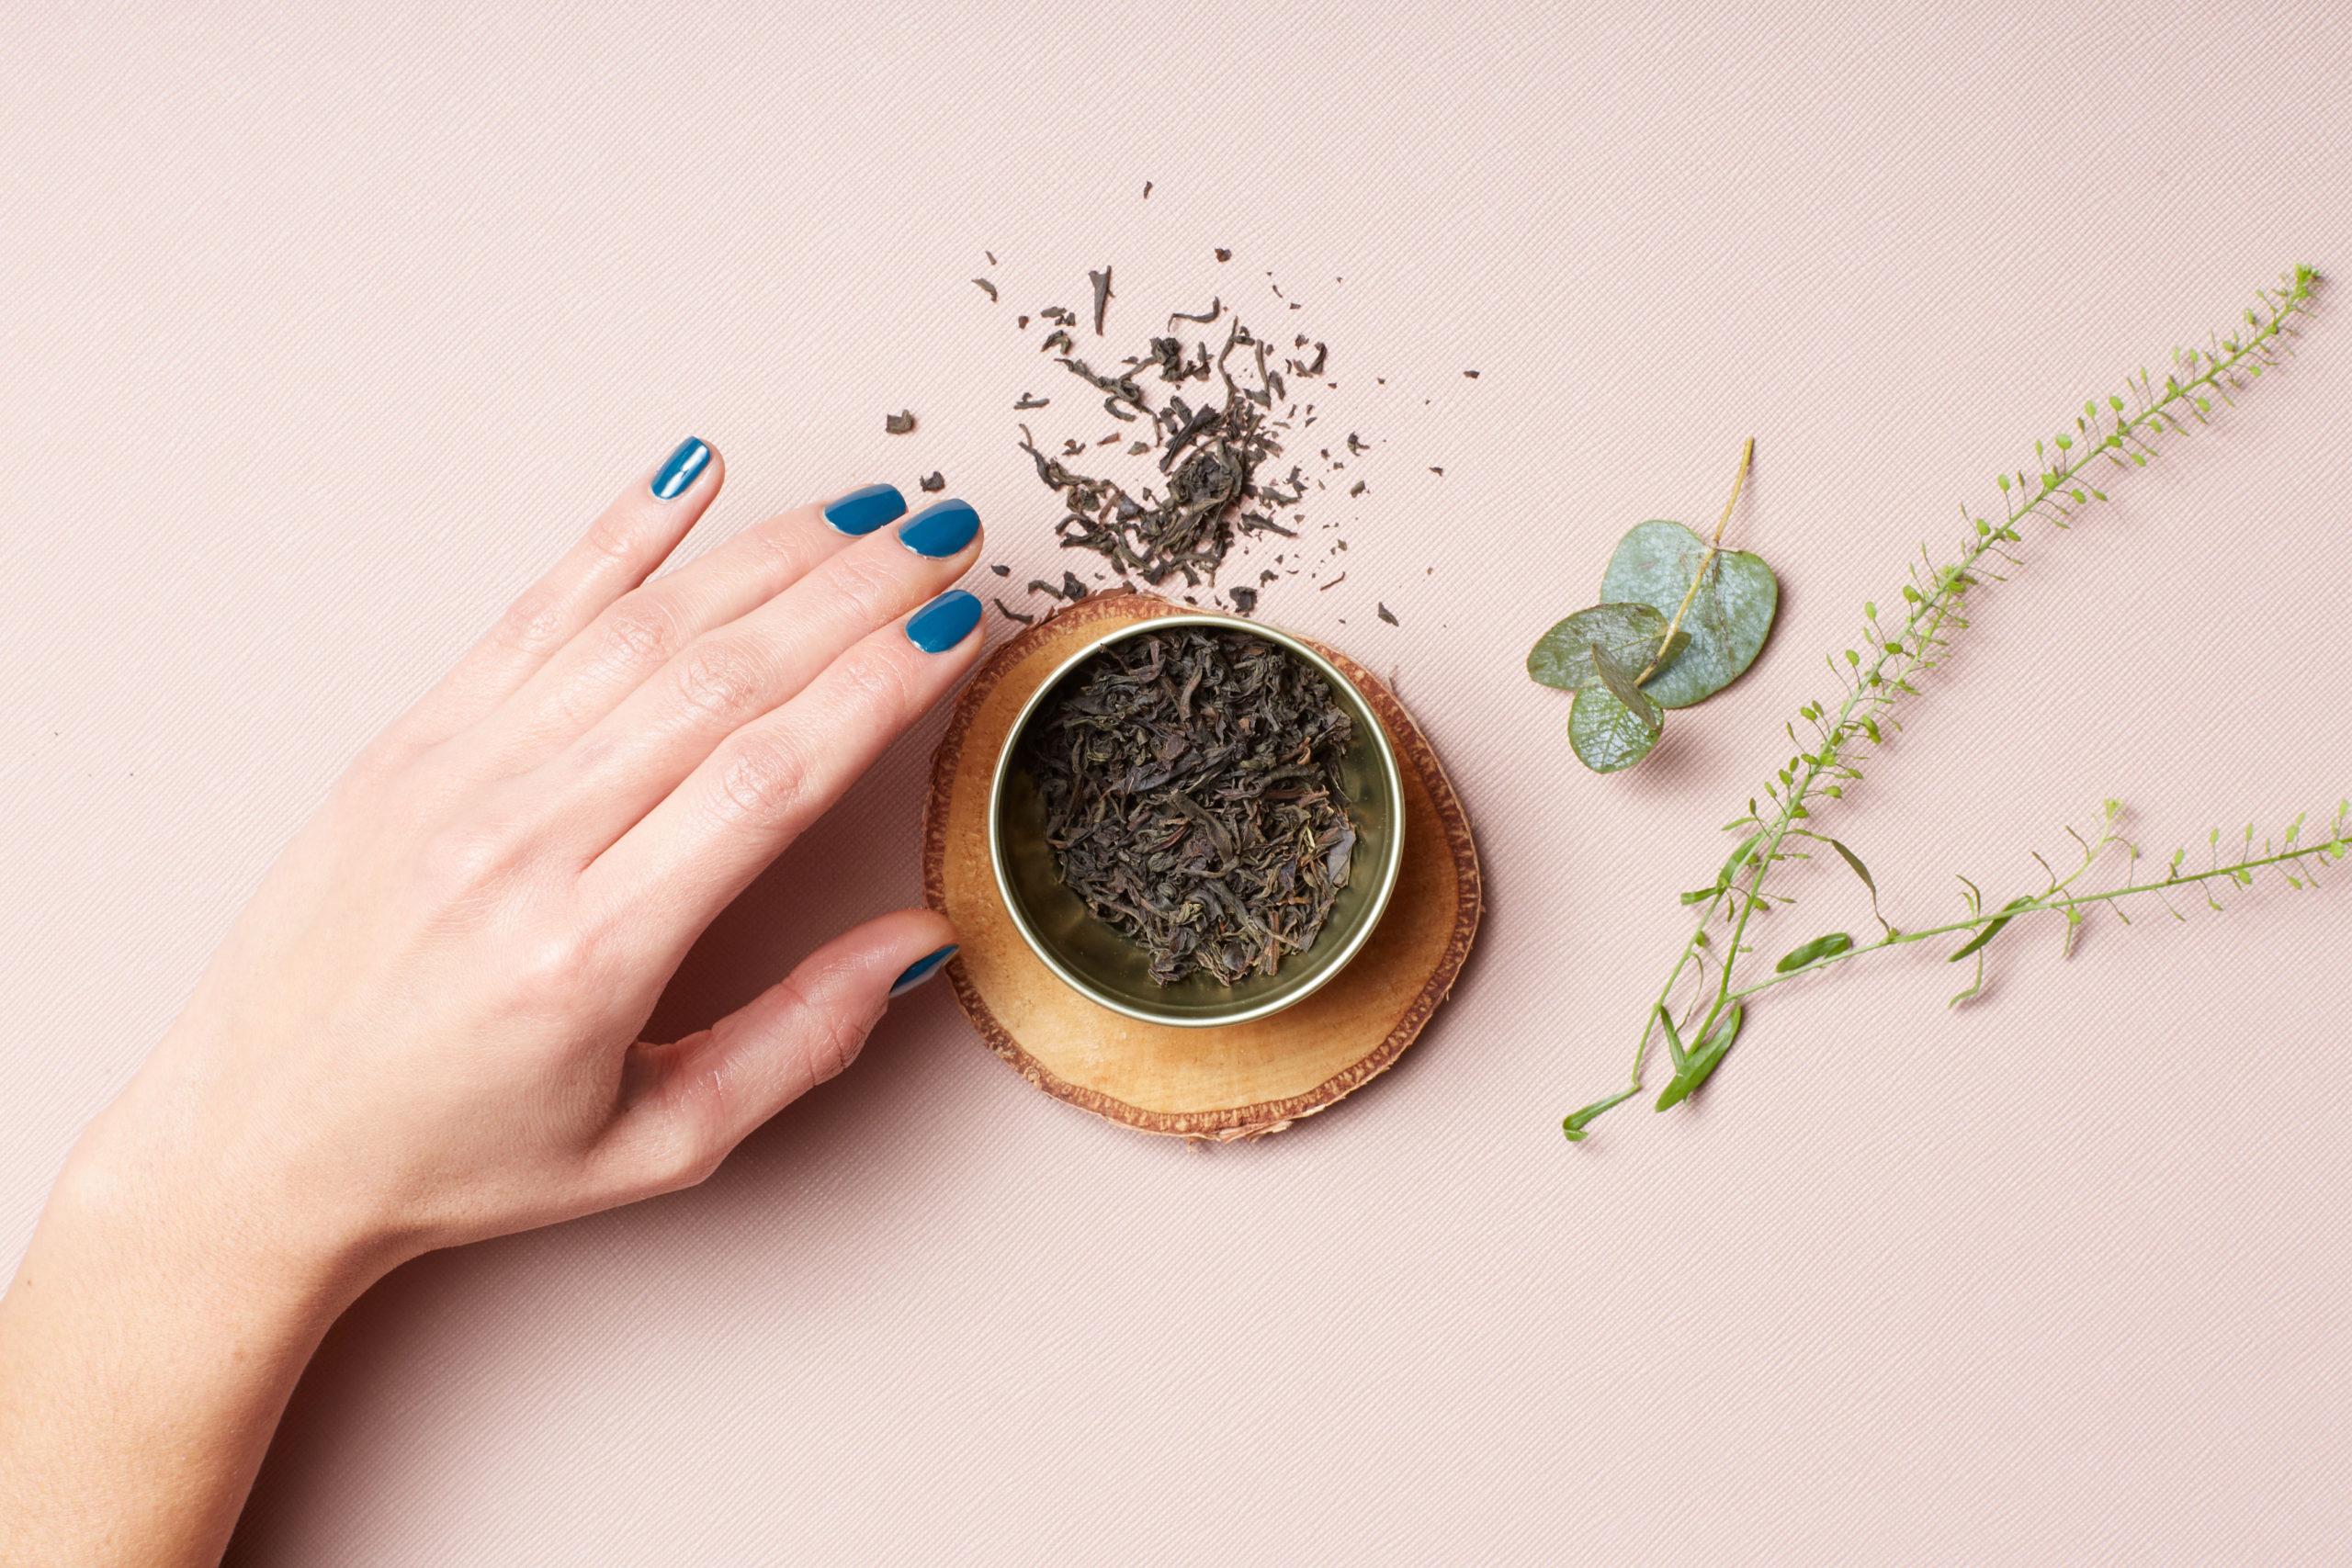 Thé savoir faire ongle plante vois